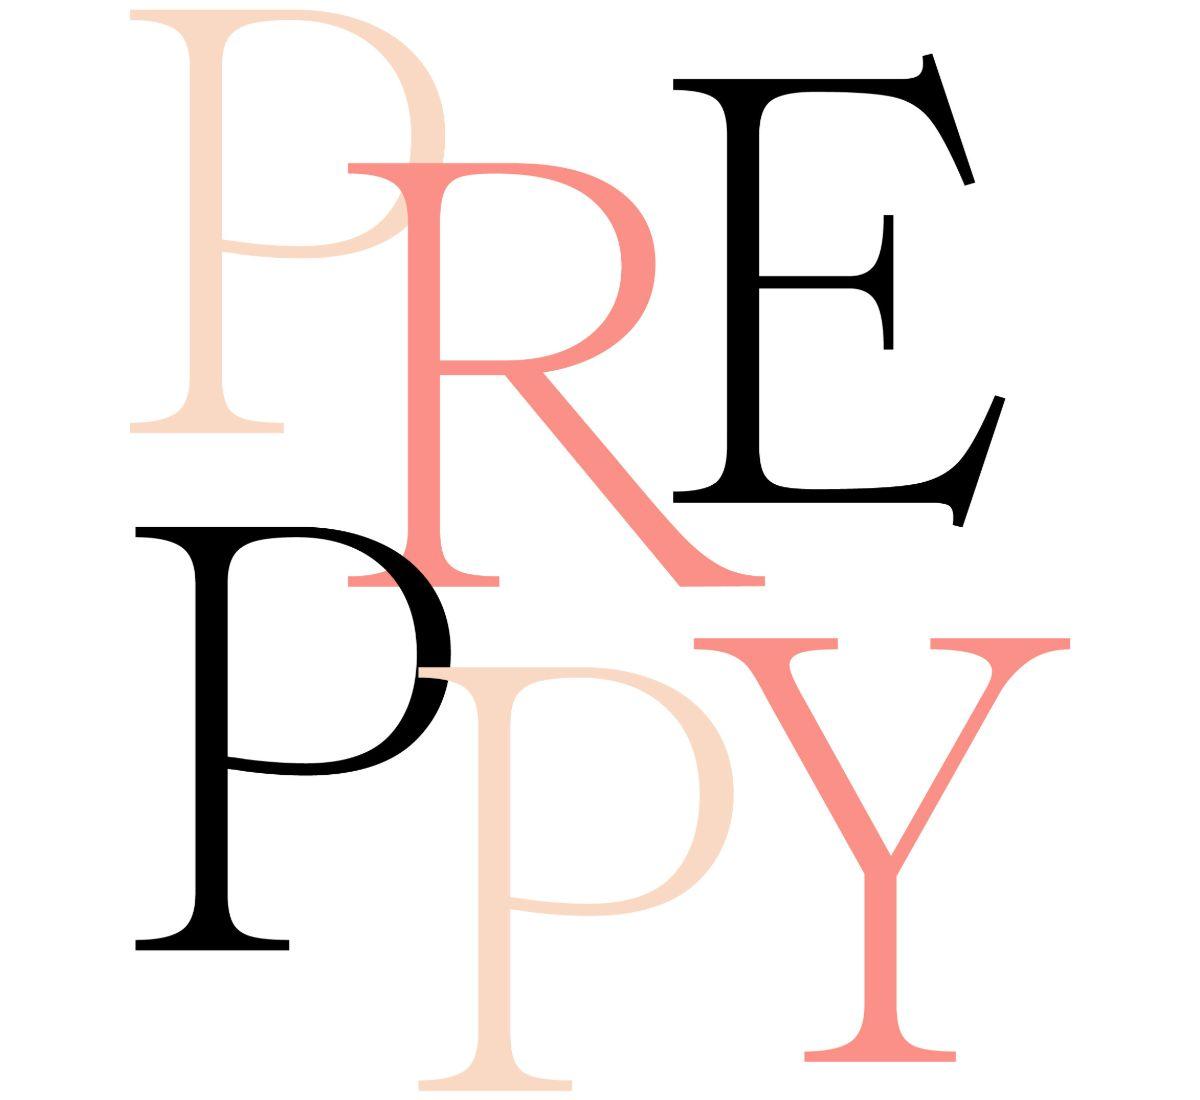 Qu'est-ce que le style preppy ?